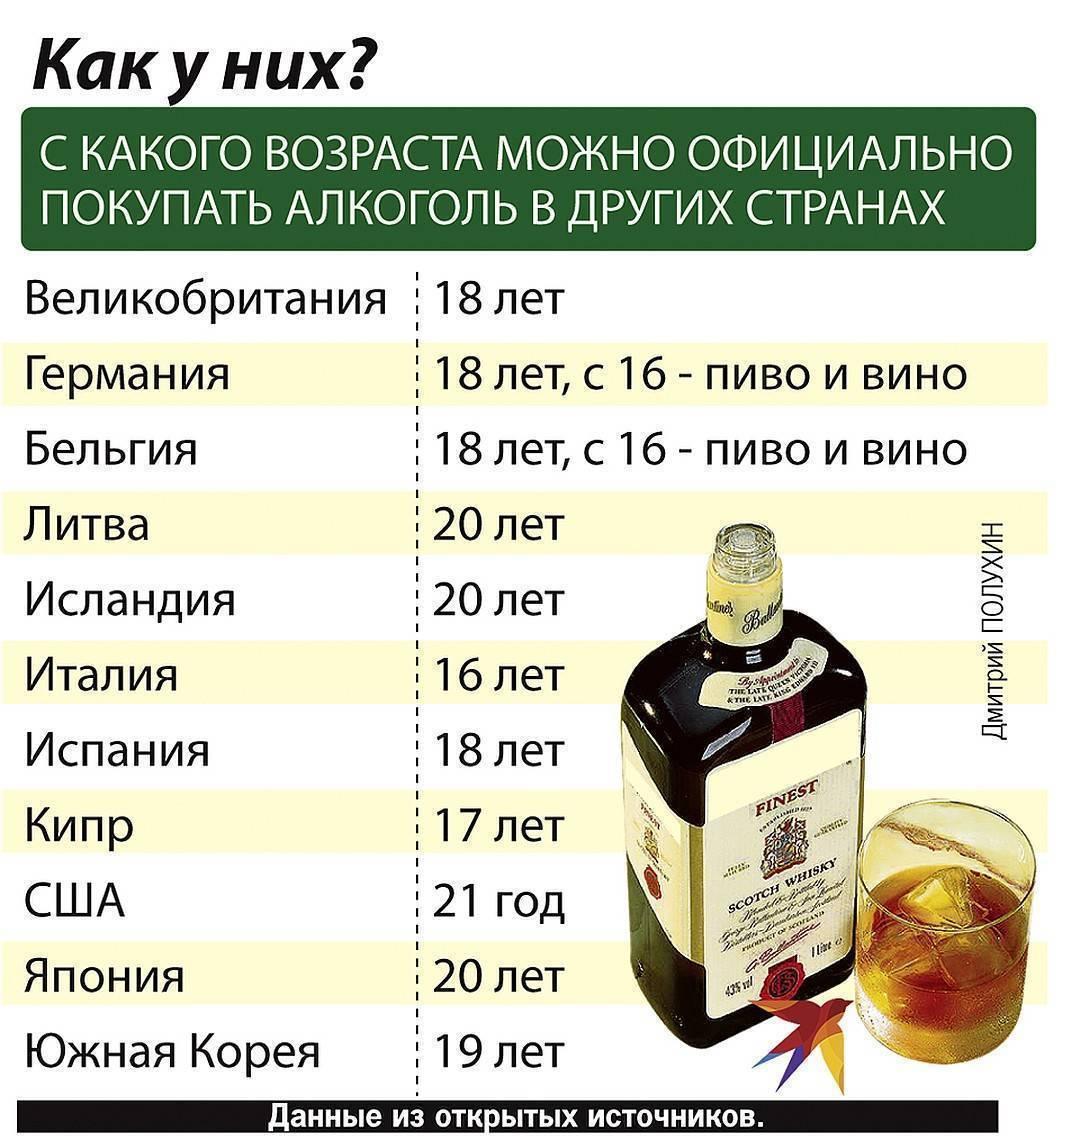 Гипертония и алкоголь: какие напитки разрешены и их допустимые дозы